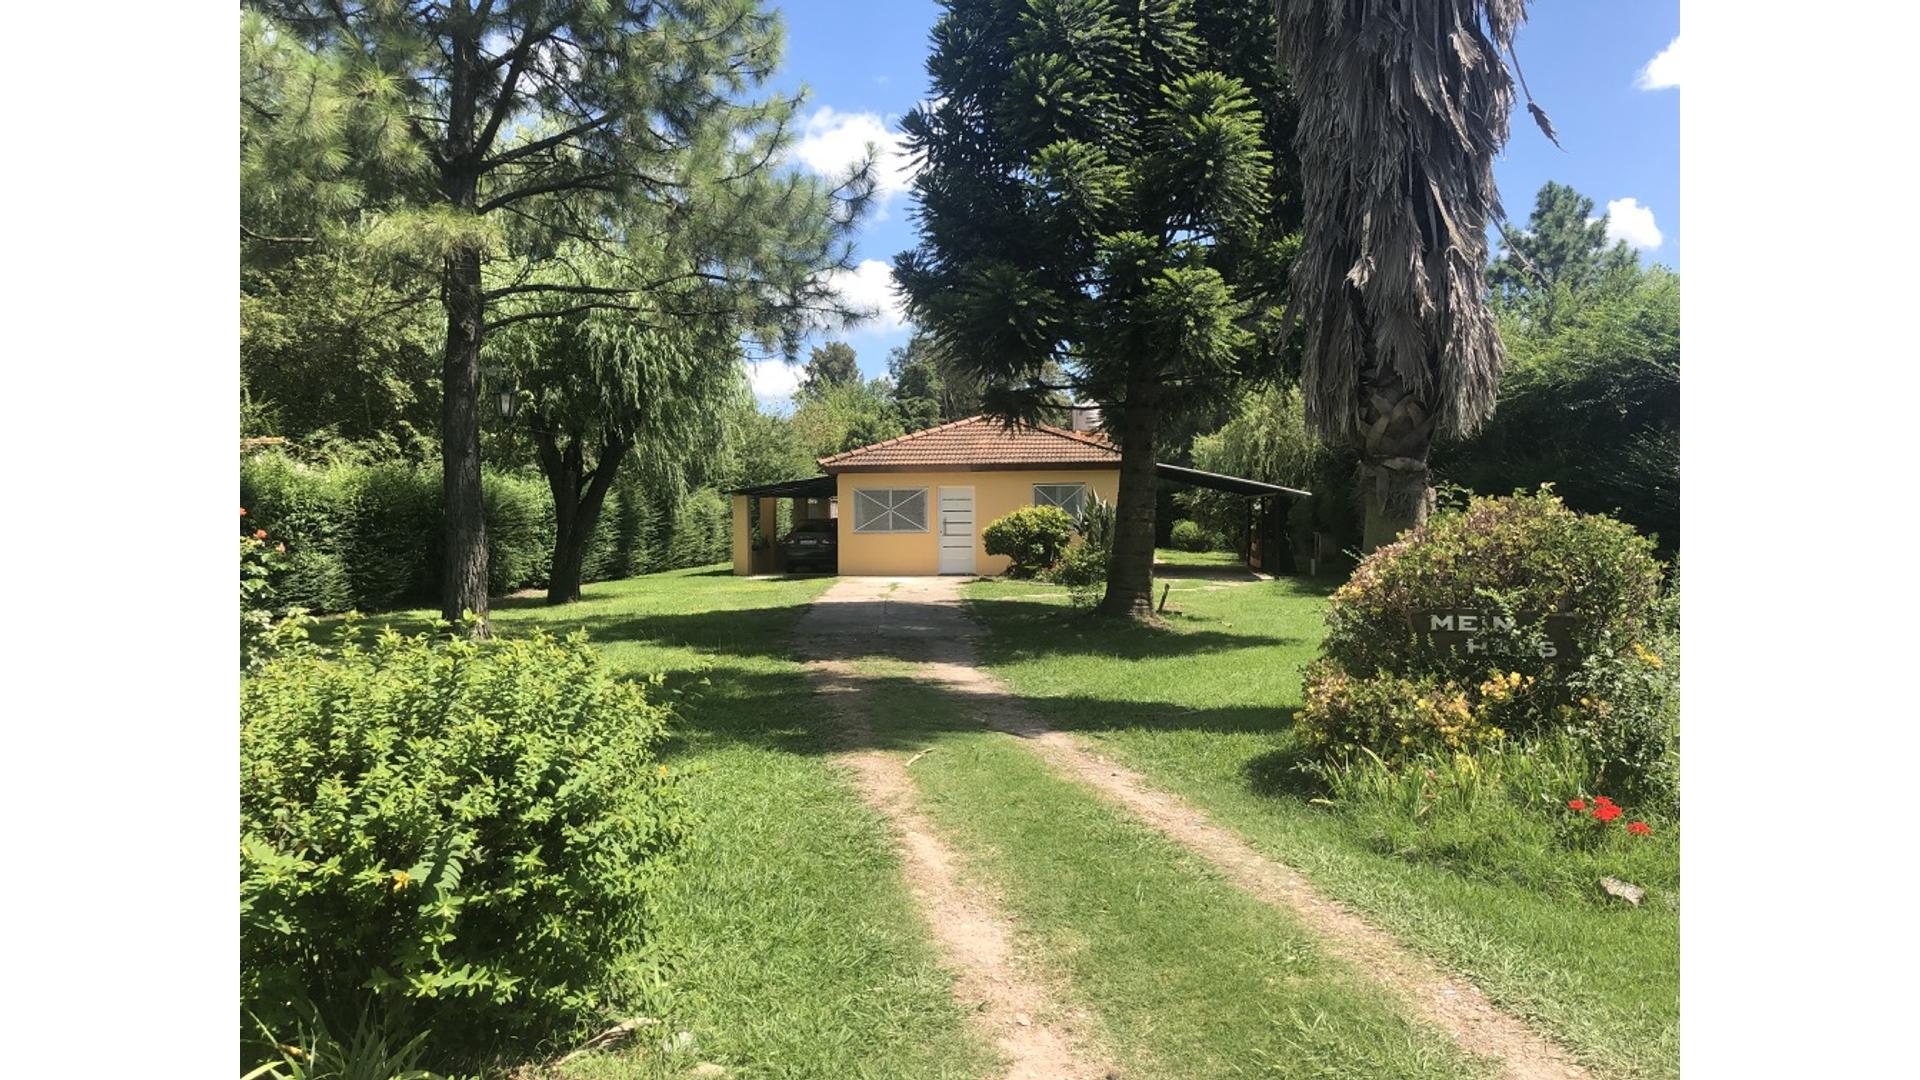 Parque Exaltación 100 - U$D 108.000 - Quinta en Venta